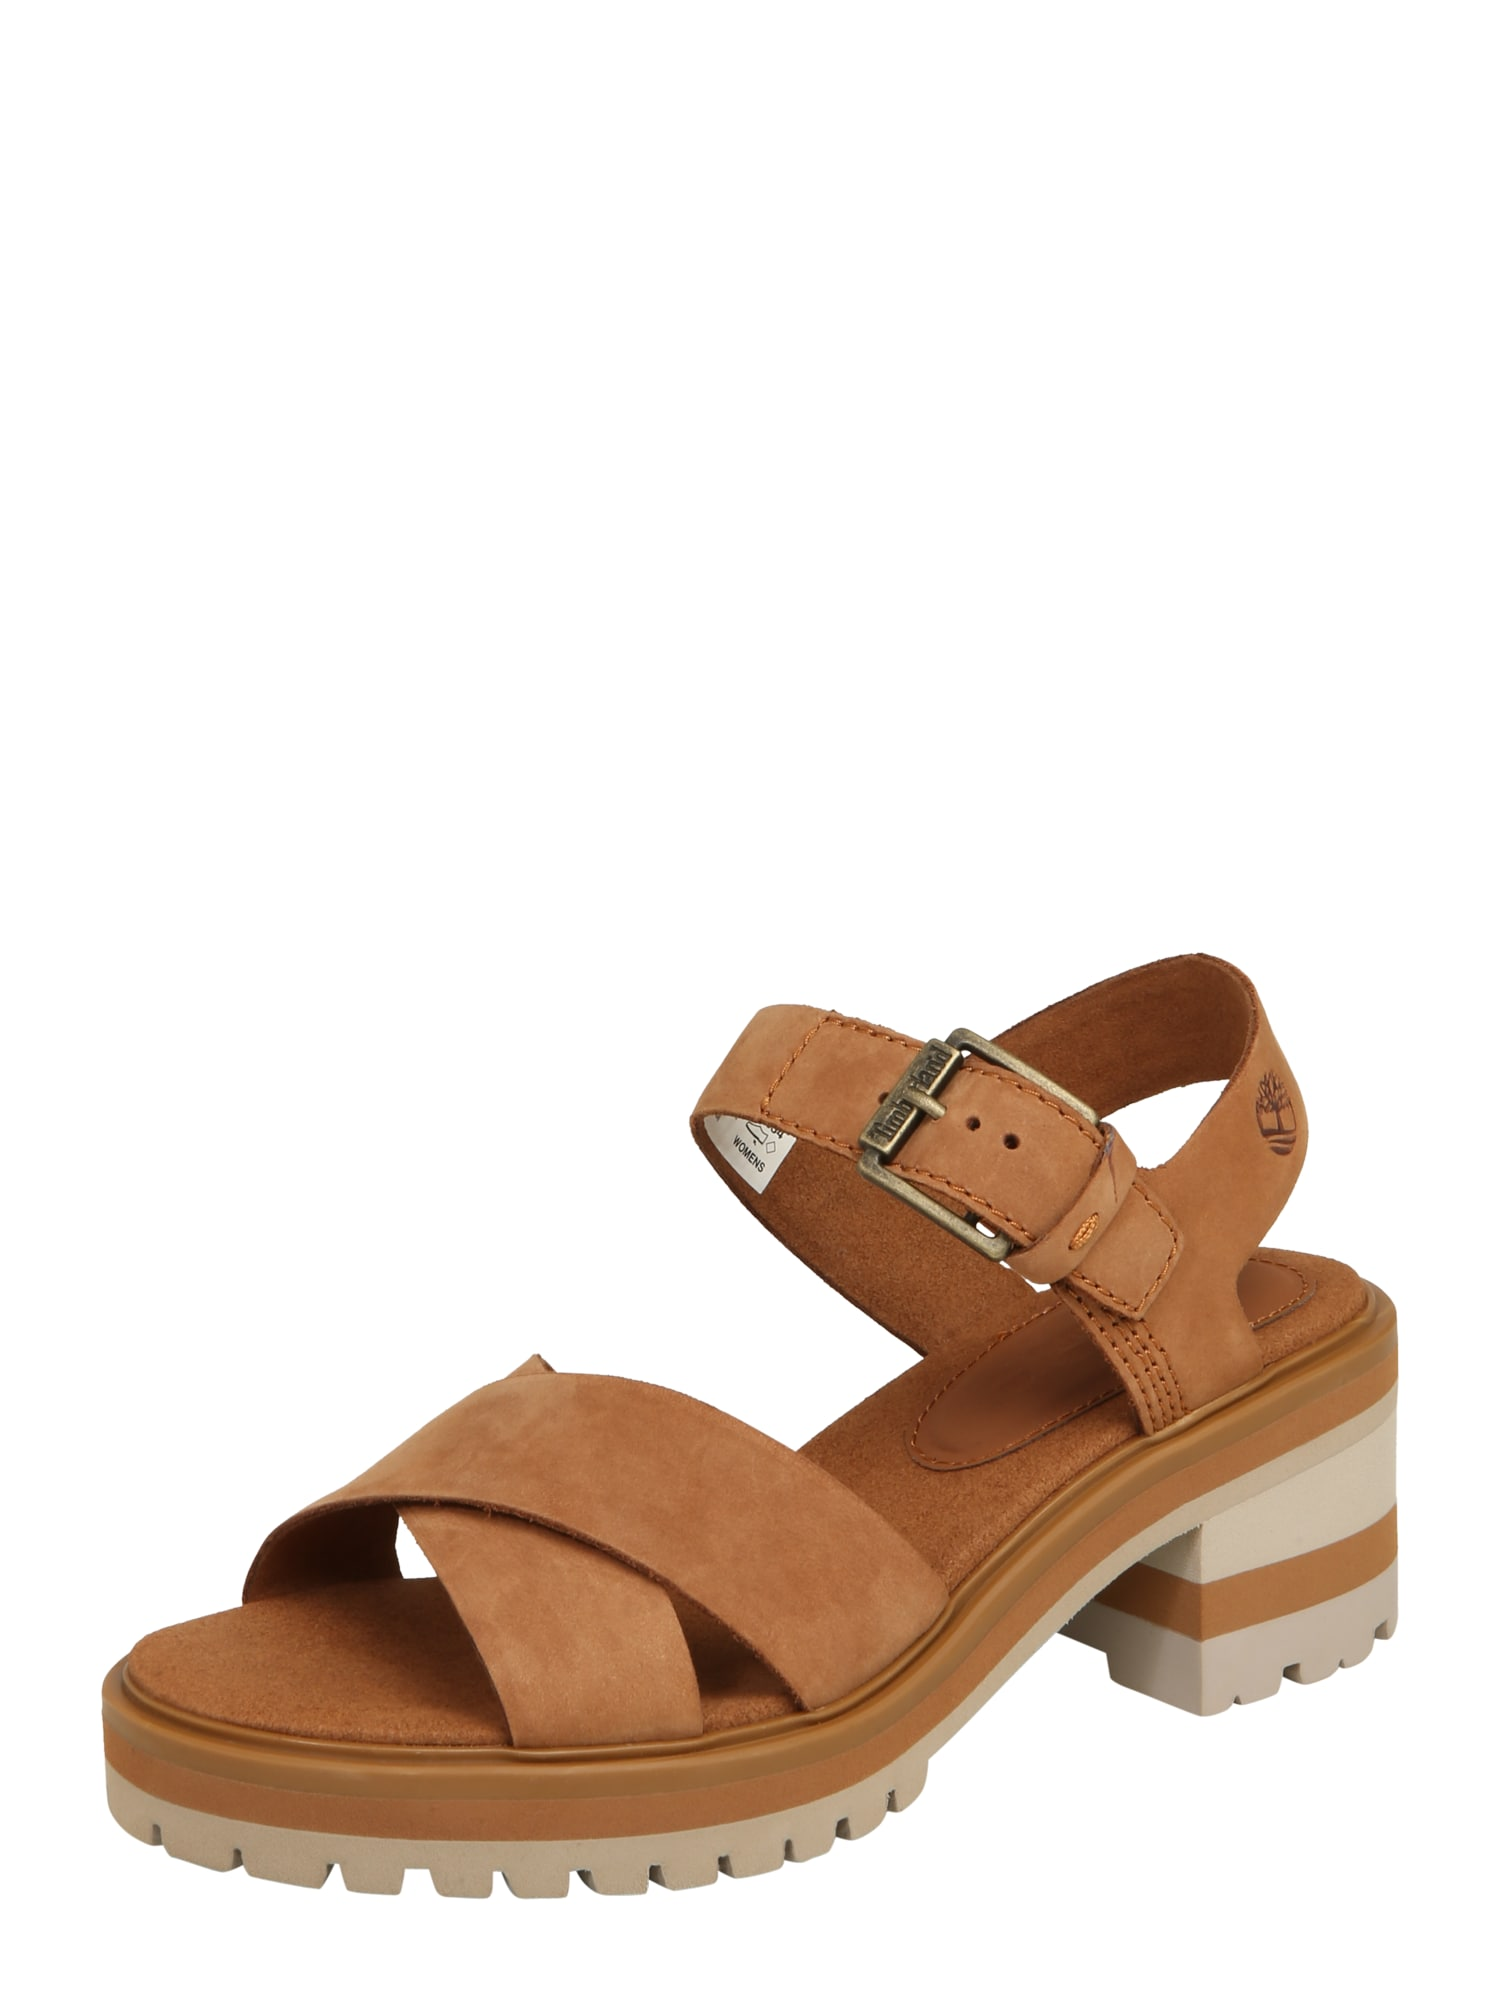 Páskové sandály Violet Marsh hnědá TIMBERLAND